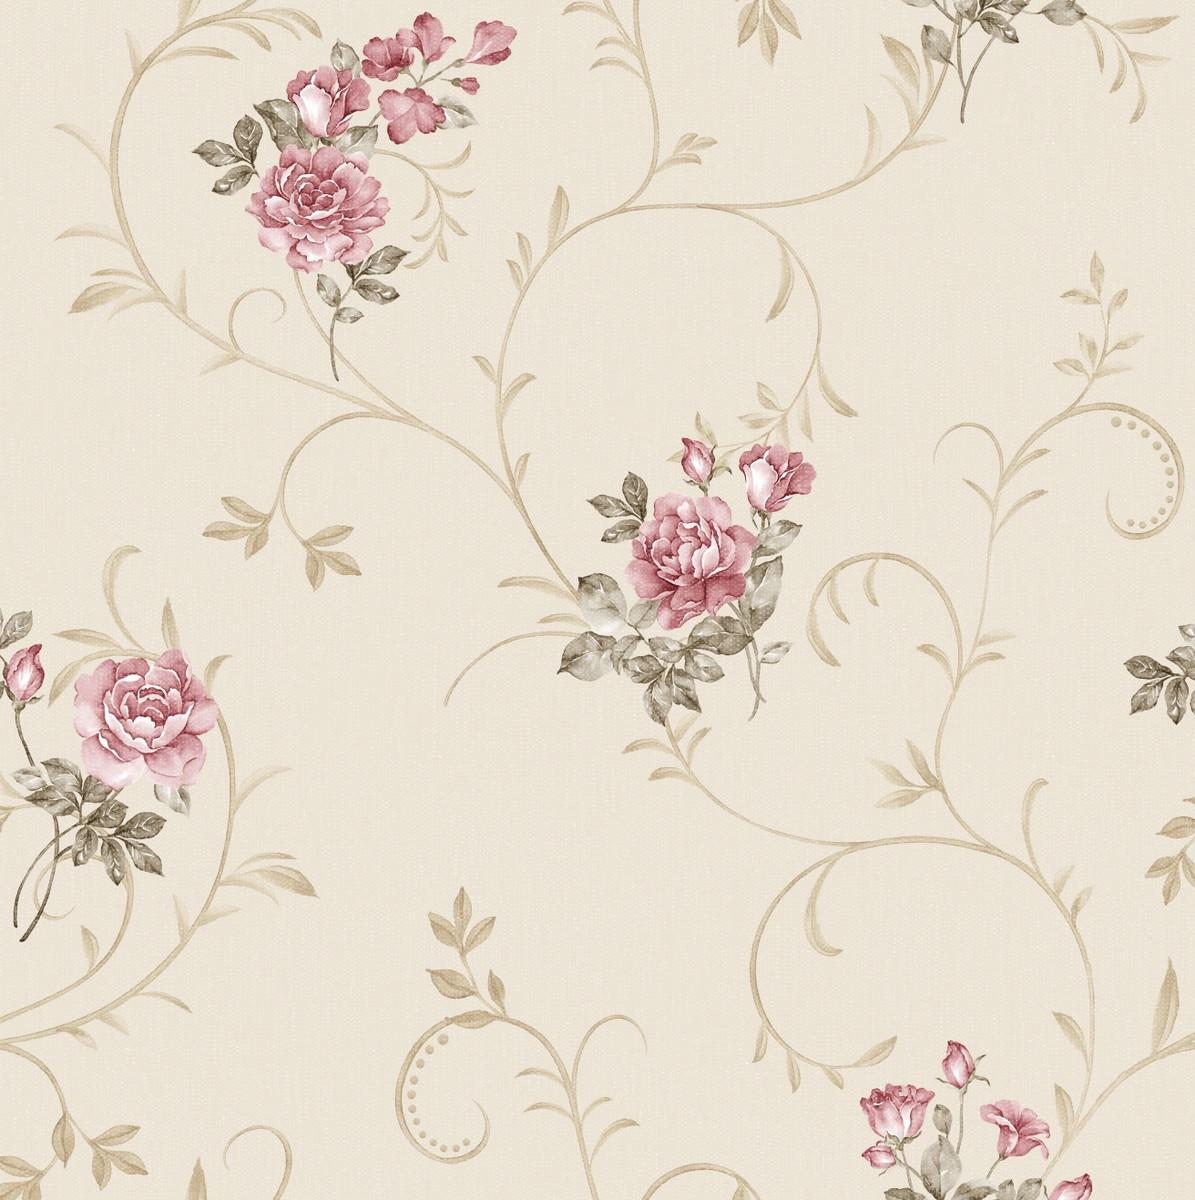 Papel De Parede Flores Florais Adcorista 444b47 No Elo7  -> Modelos De Papel De Parede Em Forma De Flores